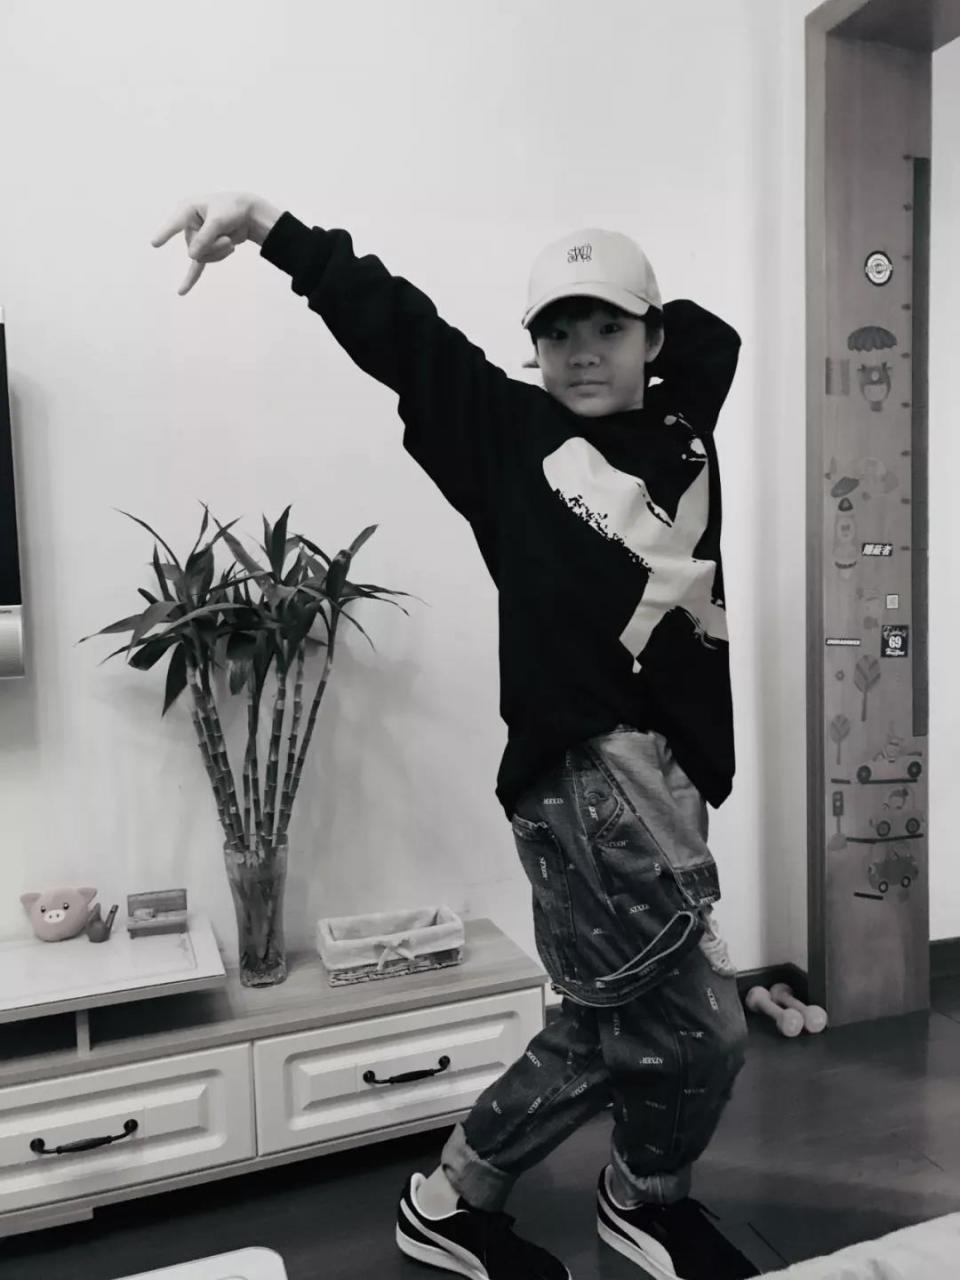 专访   3次赴法参加世界大赛的街舞少年喻文乐 - 第11张    嘻哈中国